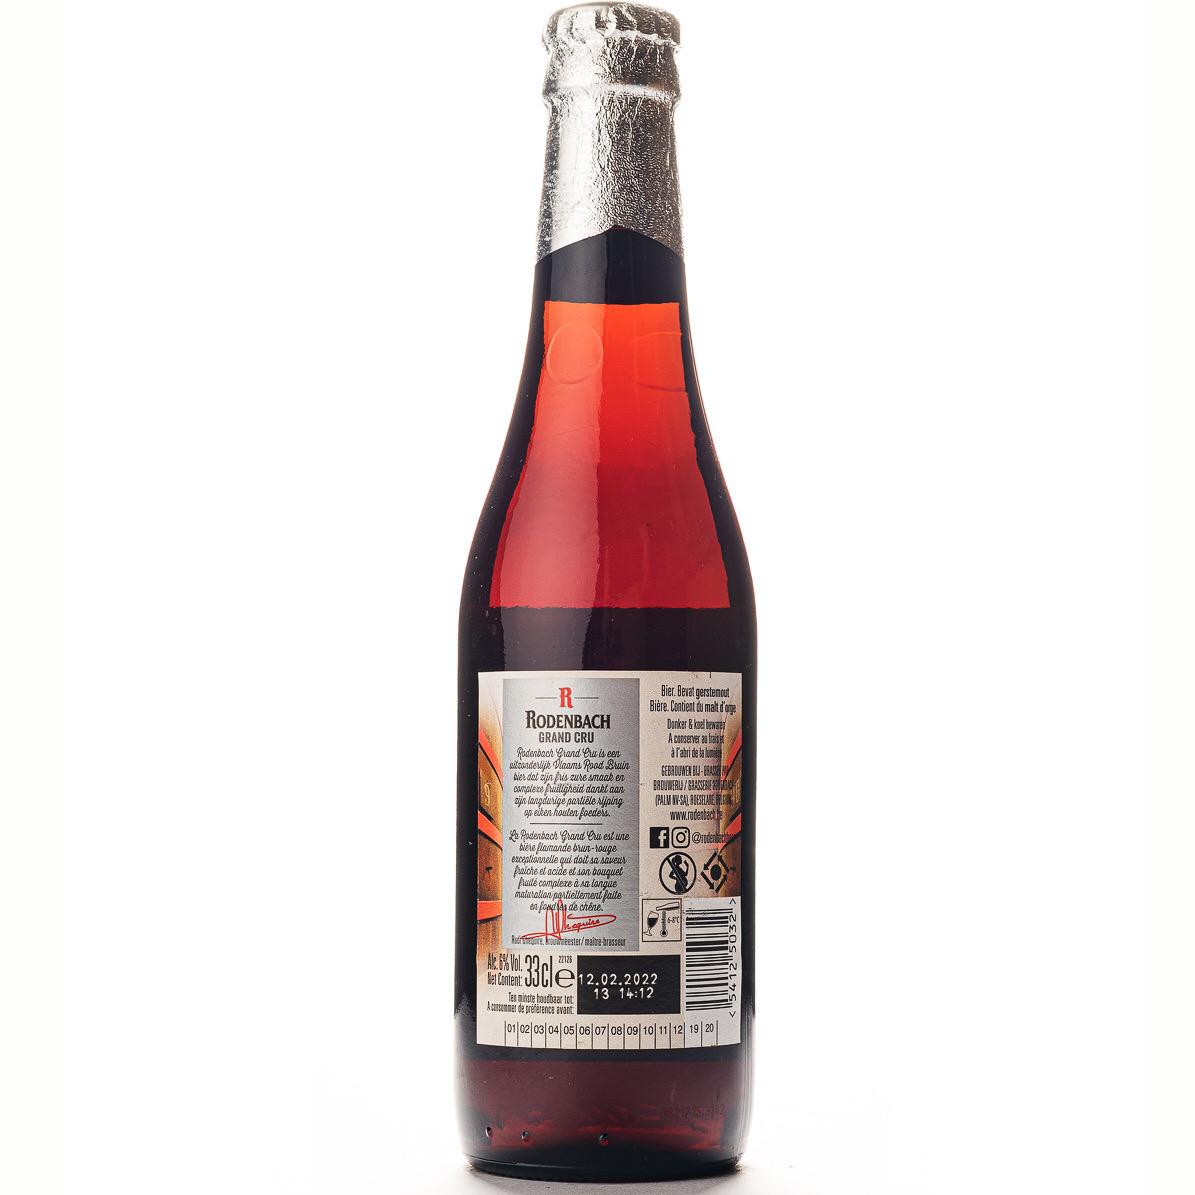 Rodenbach Grand Cru 6% 330ml Flemish Red Sour Ale